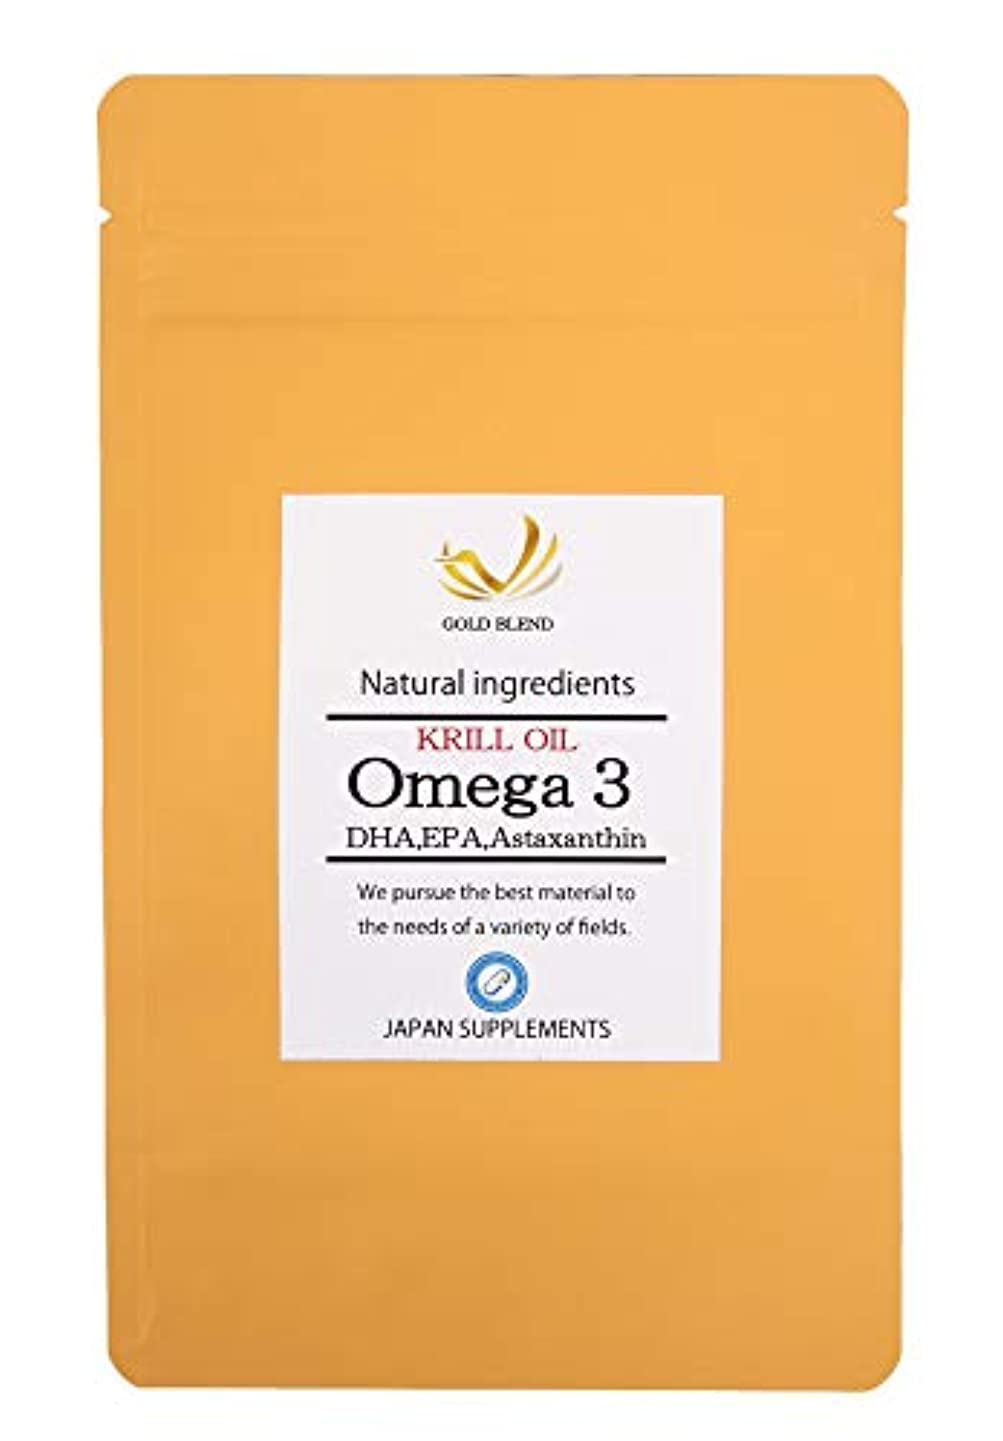 音楽を聴く一見通信するクリルオイル オメガ3 DHA EPA アスタキサンチン含有 KRILL OIL Omega3 60粒